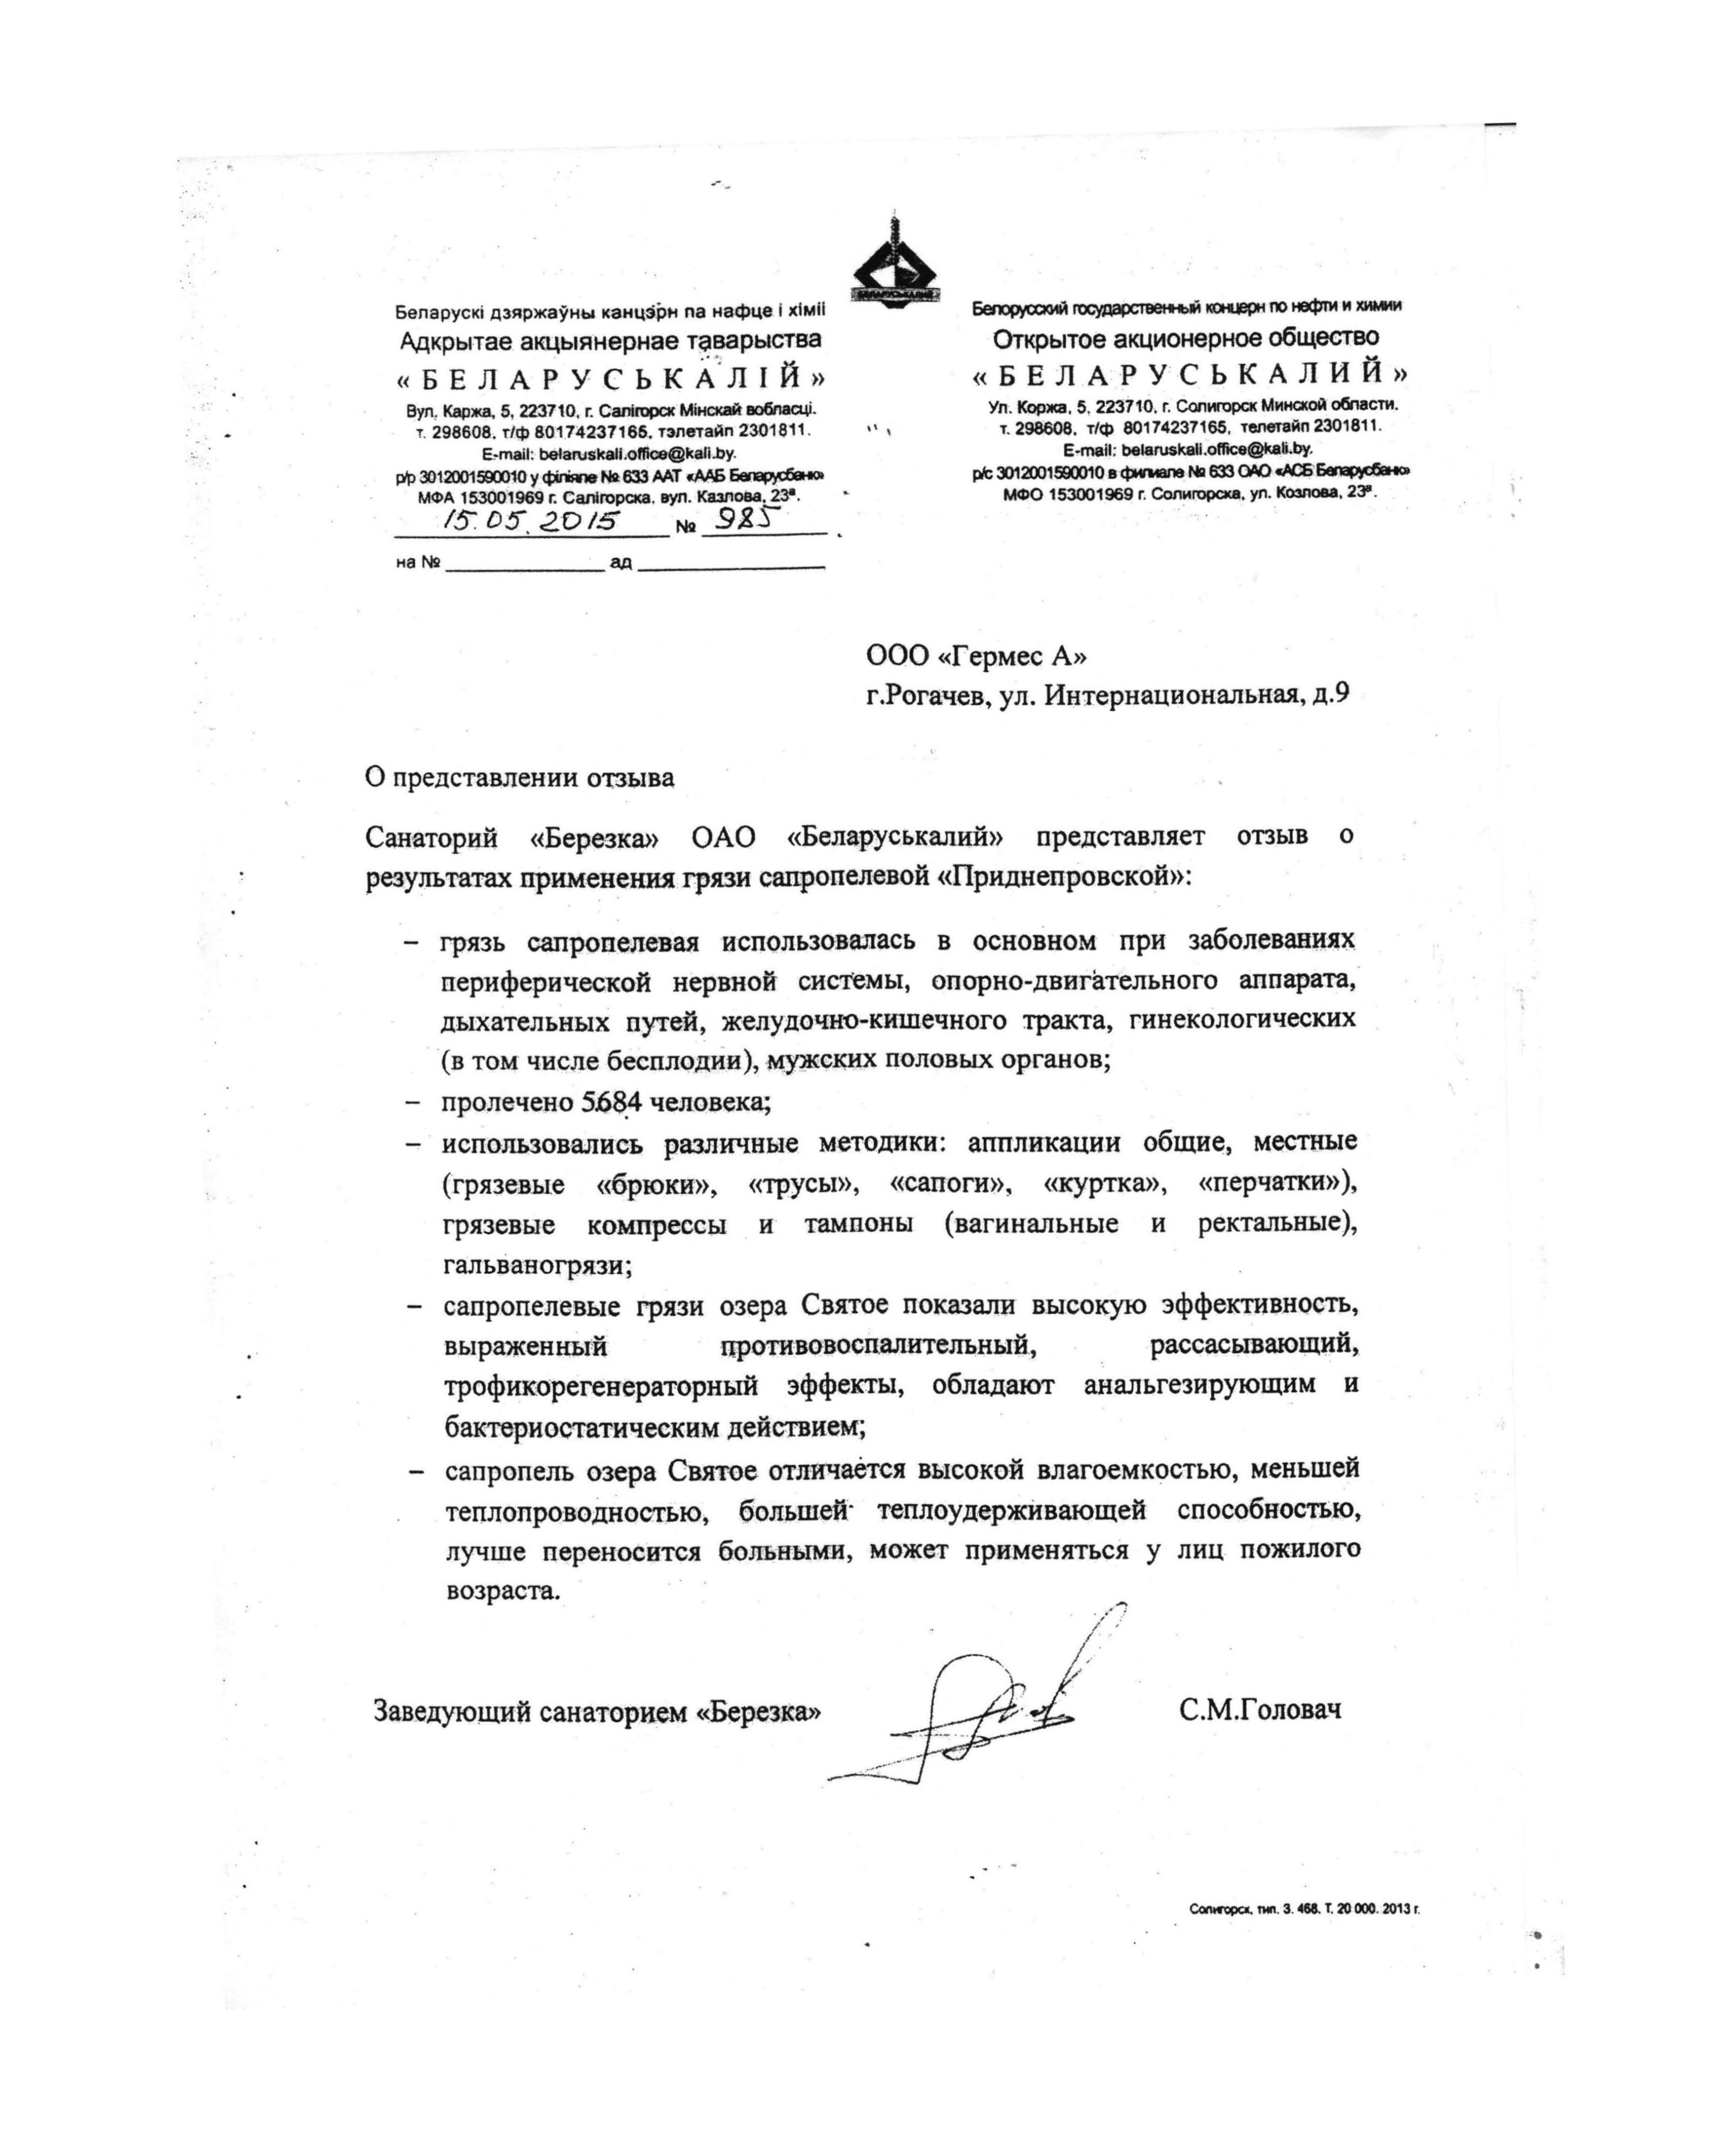 Отзыв Беларуськалия о Грязи Приднепровская